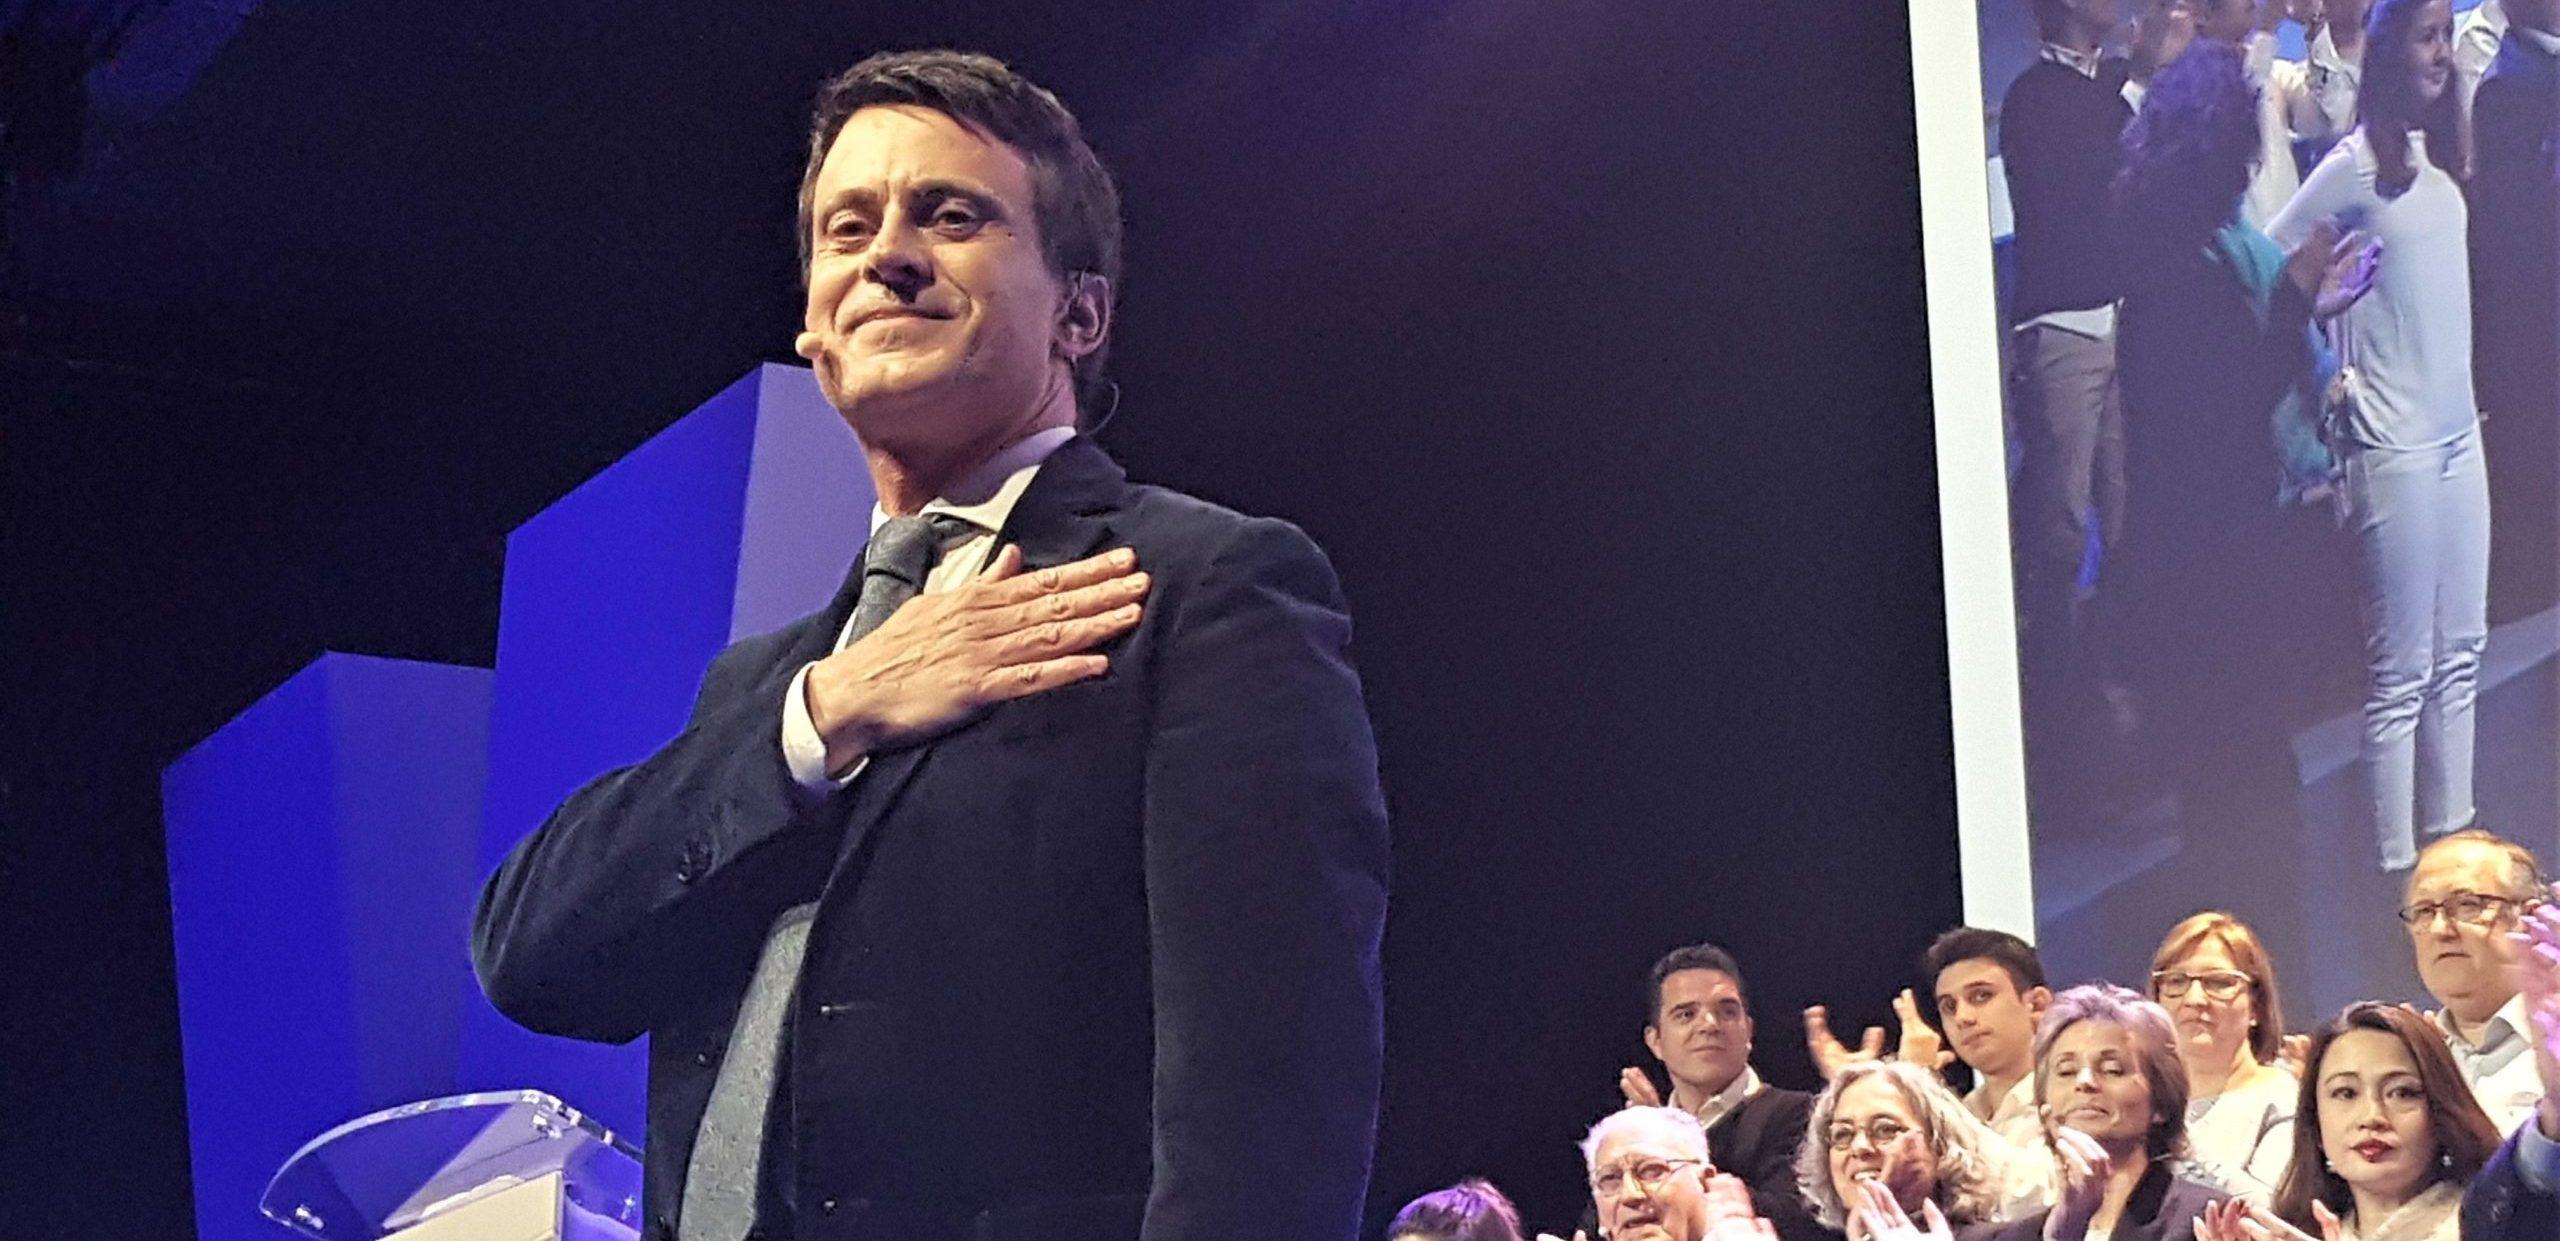 Manuel Valls, en una imatge d'arxiu / Europa Press